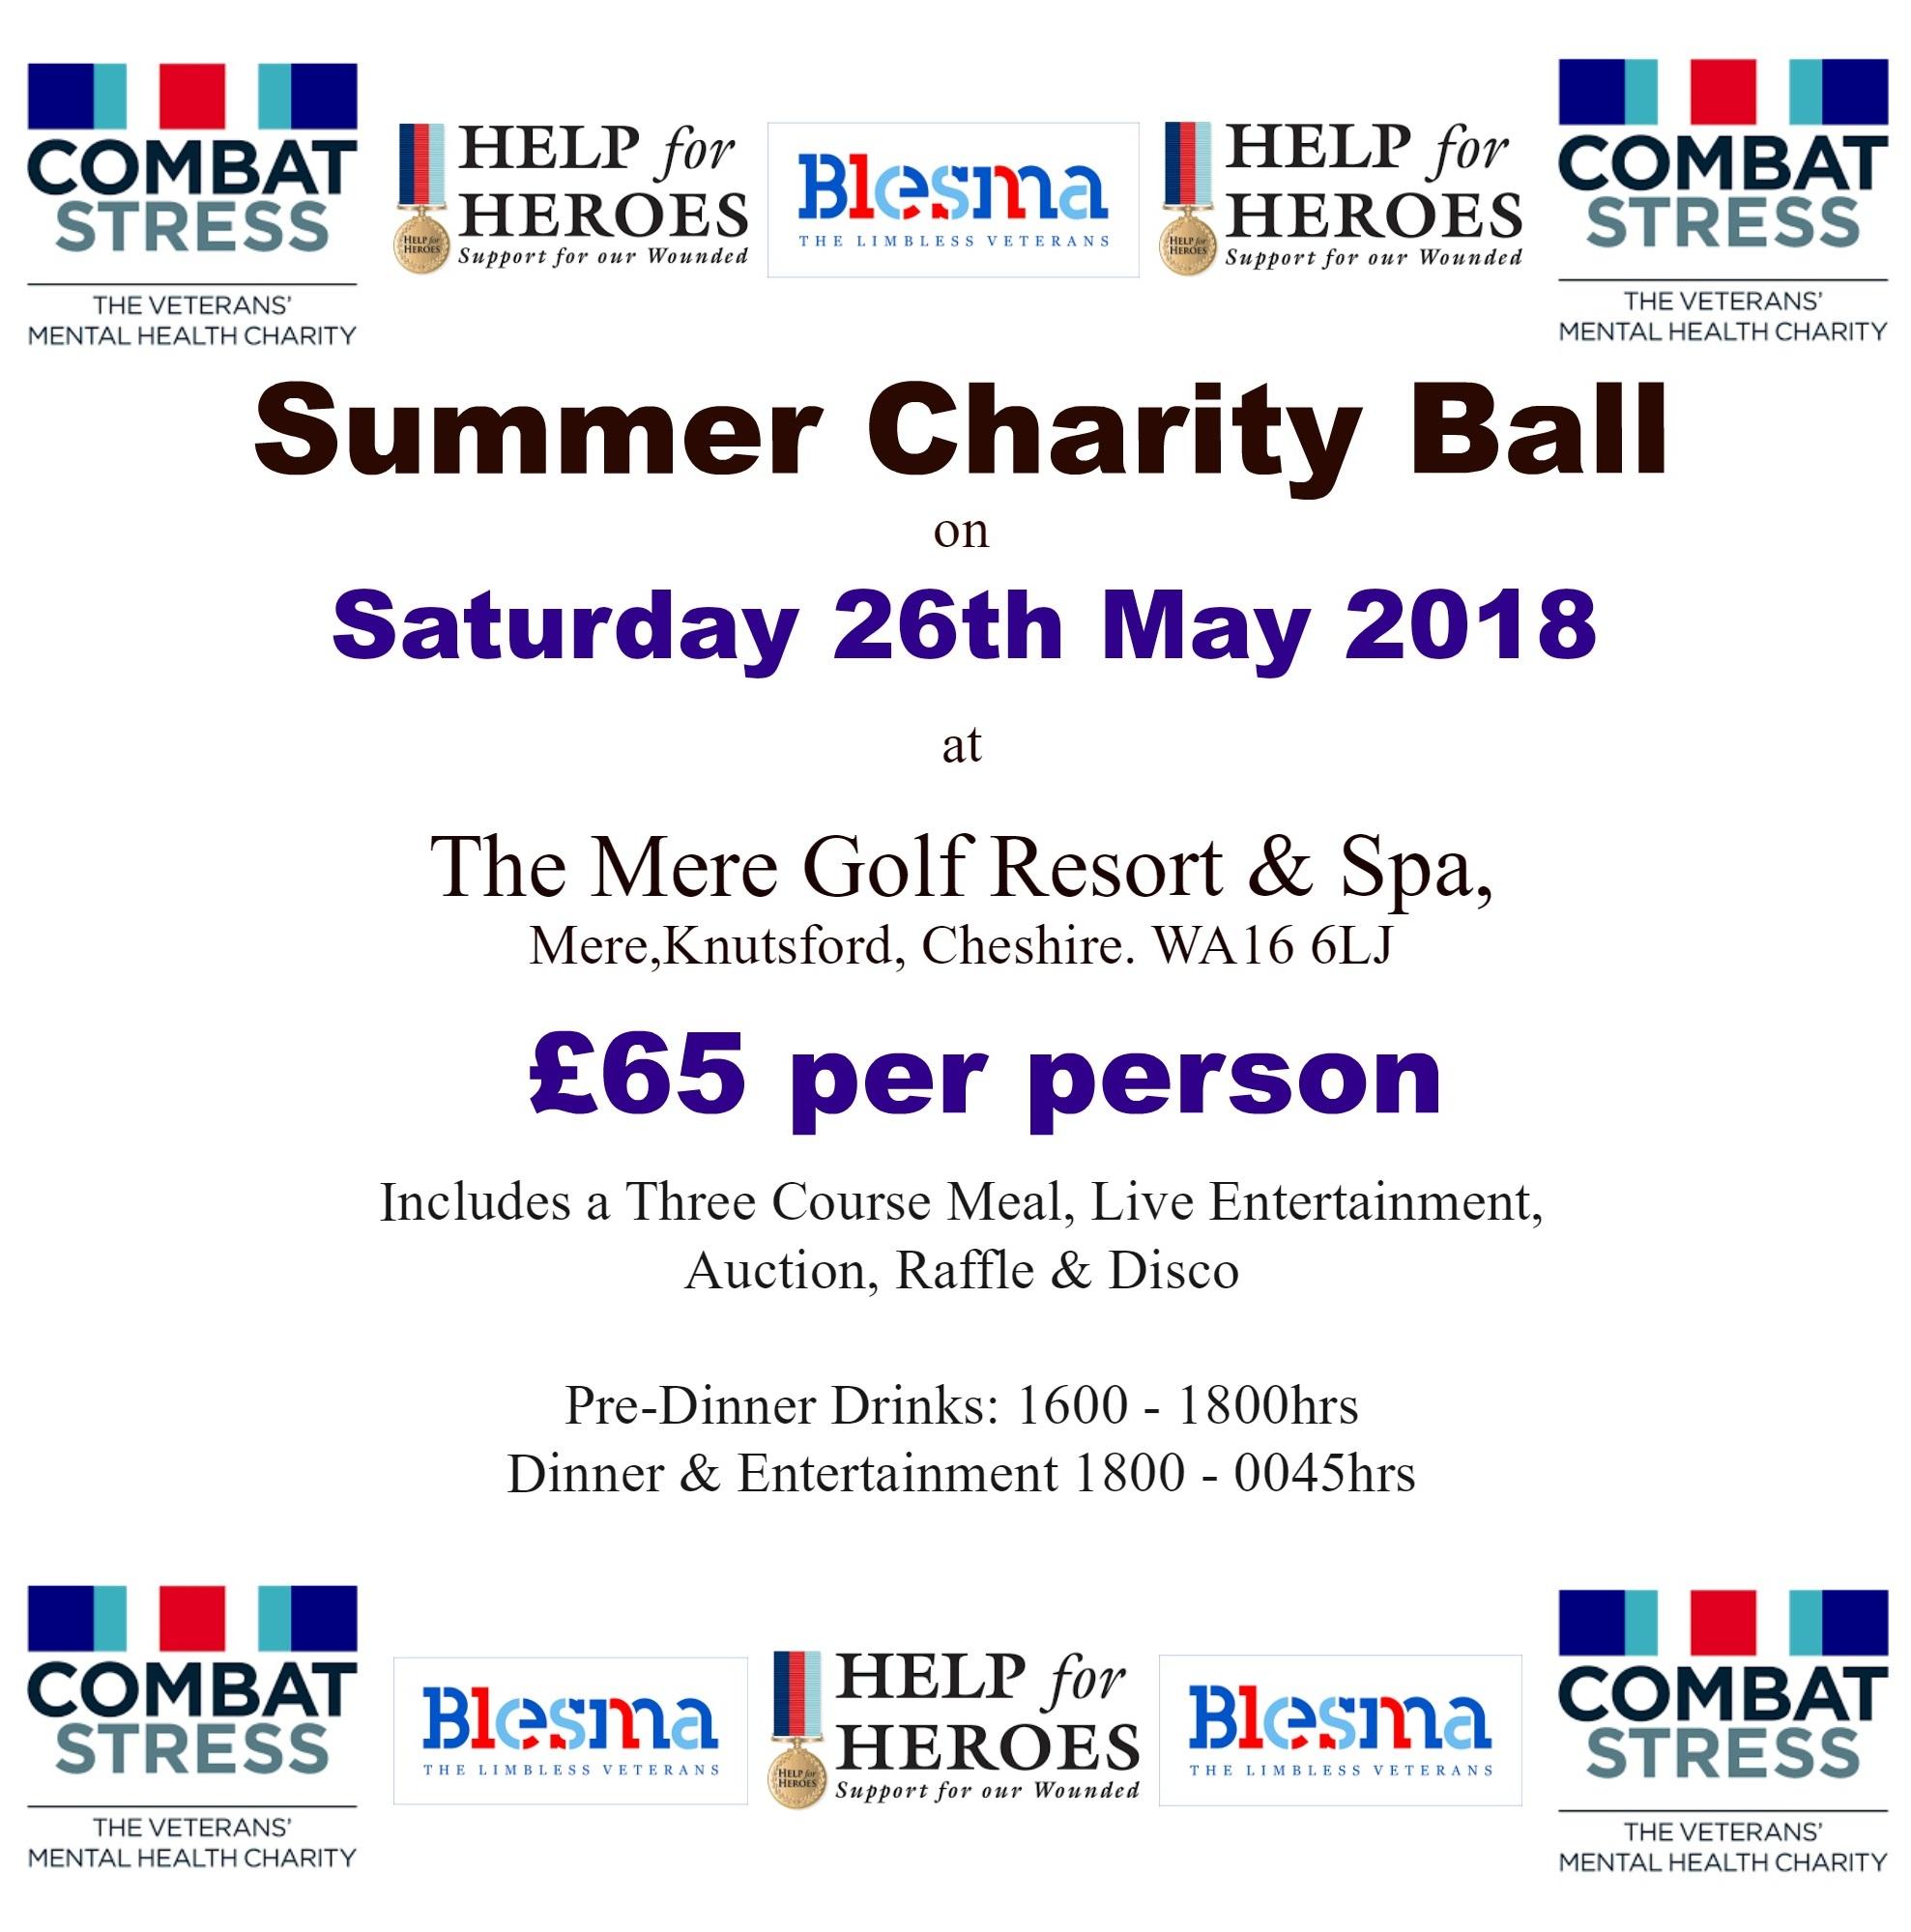 Summer Charity Ball